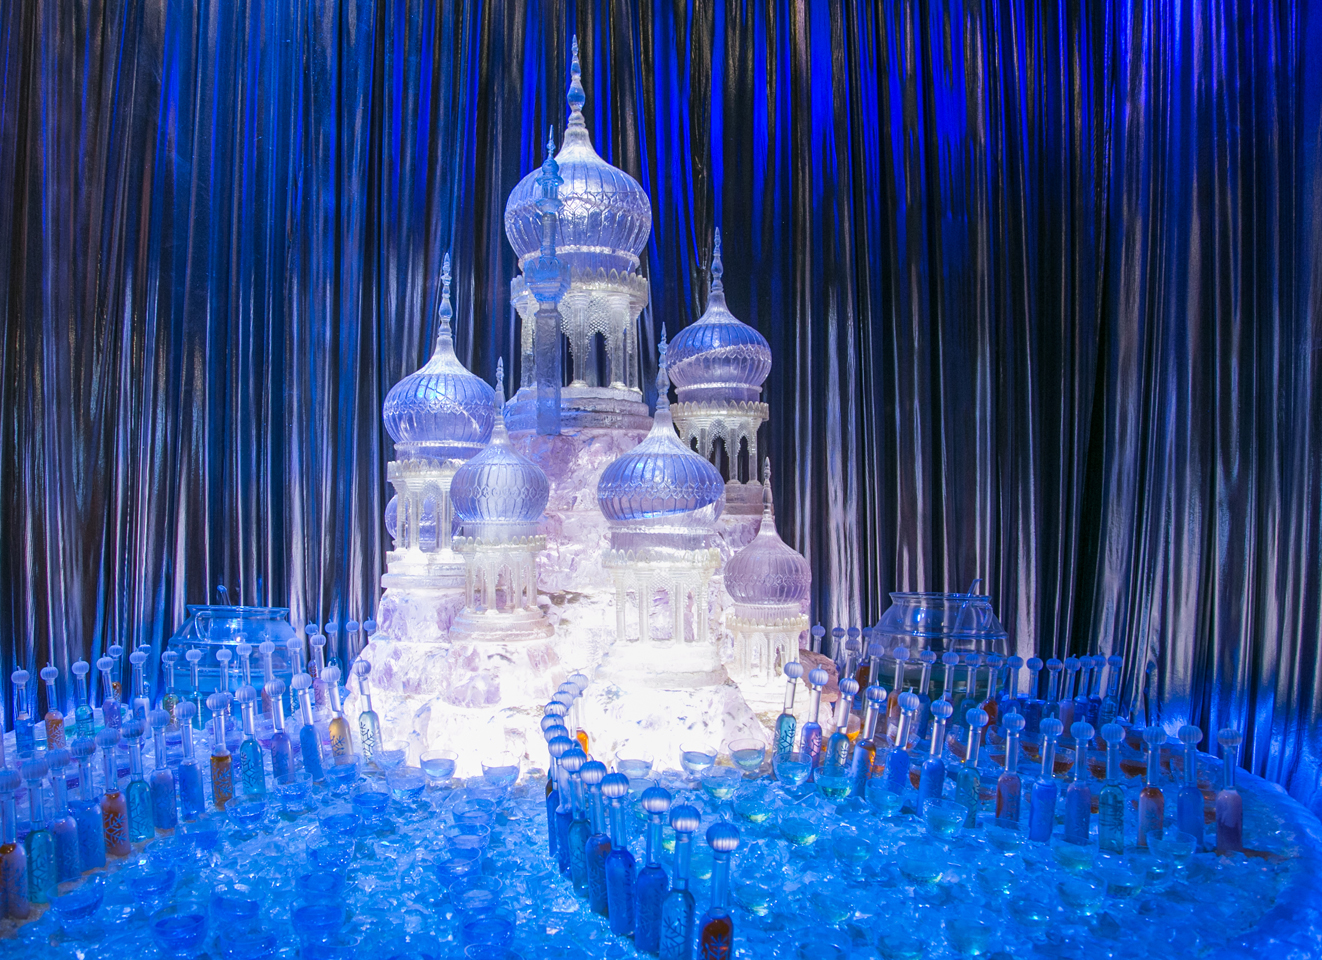 harry-potter-studio-tour-ice-castle